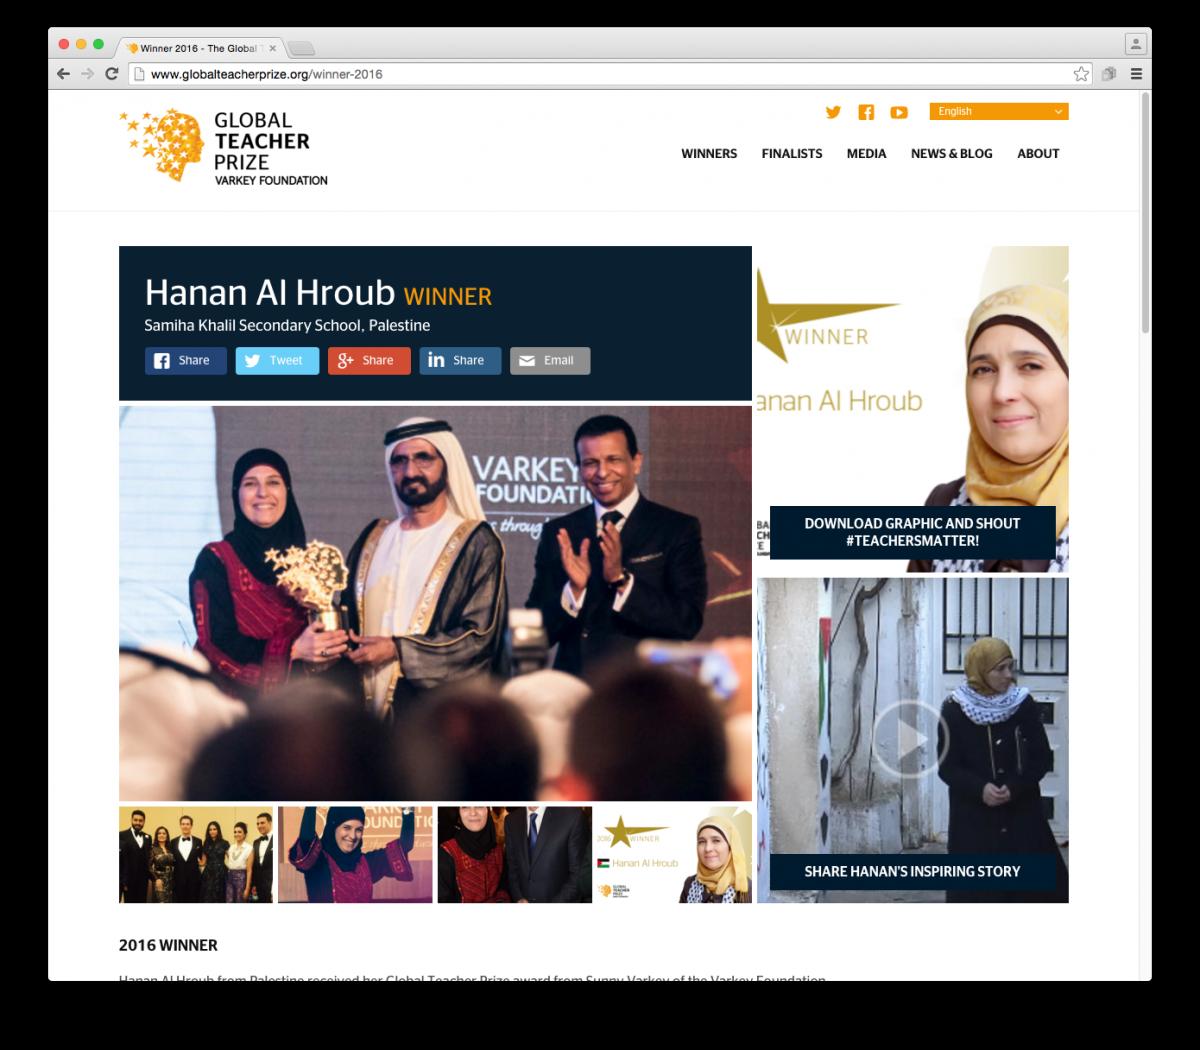 Global Teacher Prize Winner Hanan Al Hroub. Global Teacher prize branding by Brandcap & Neon